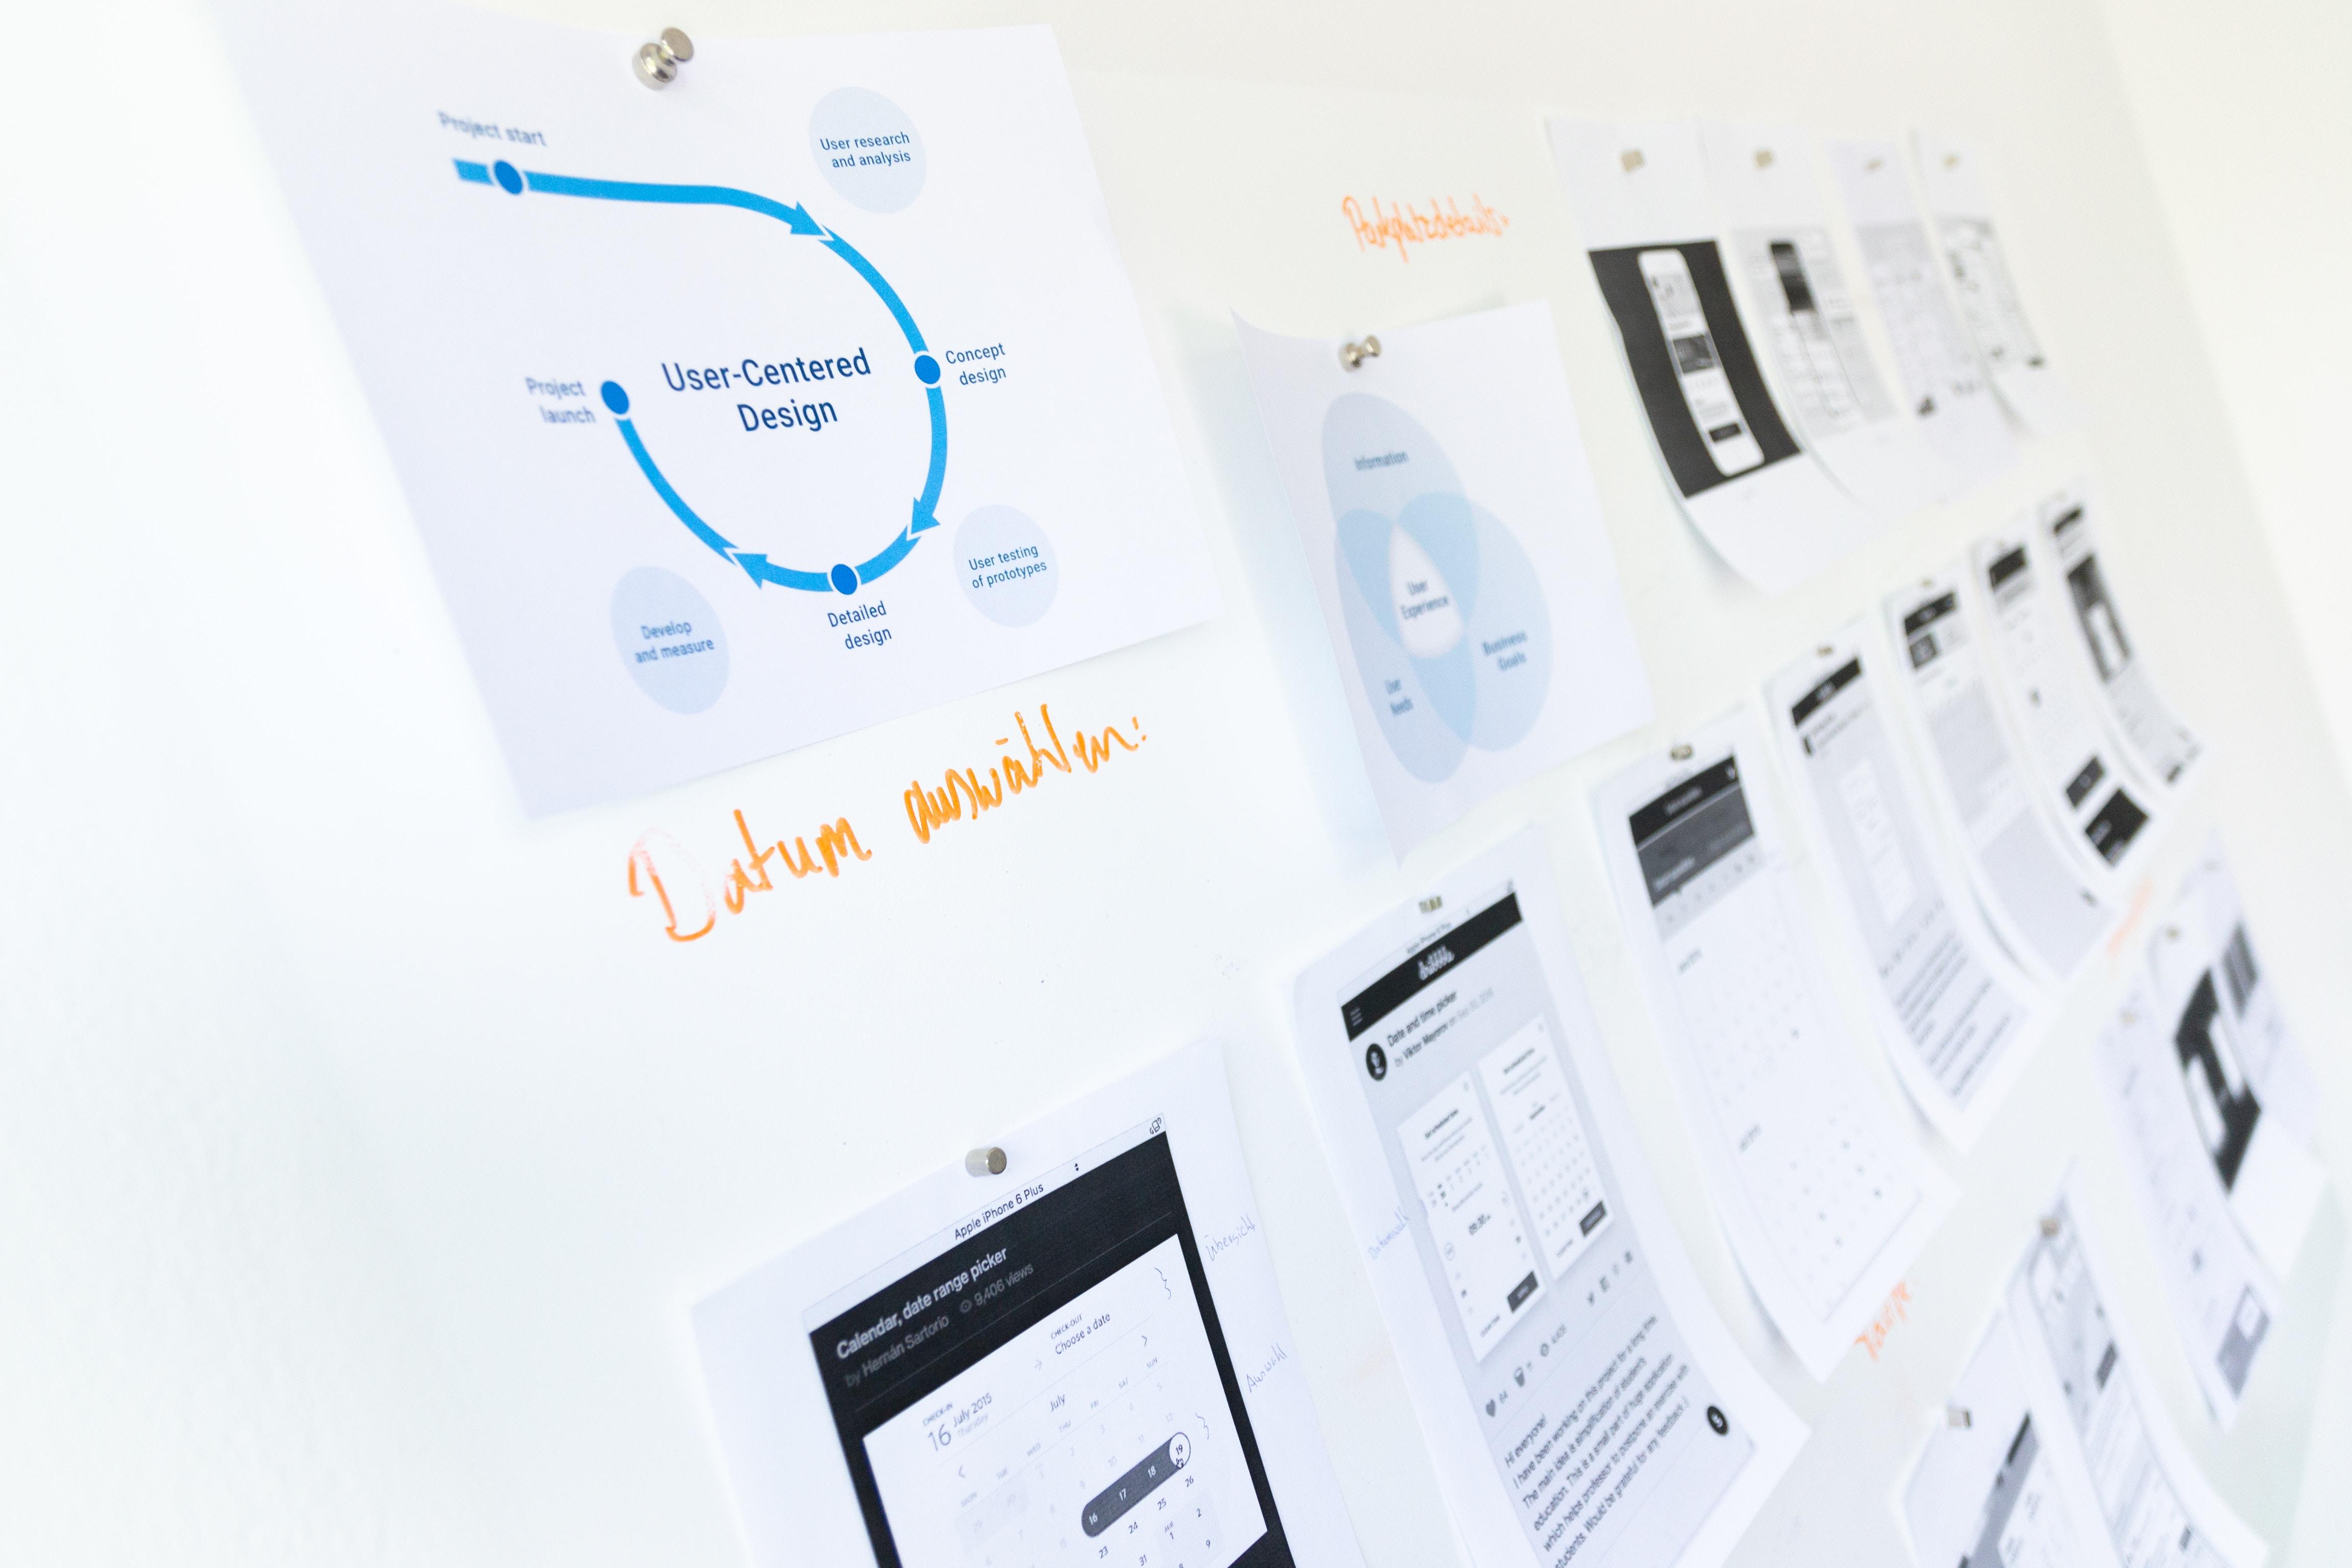 Digitalstrategie entwerfen